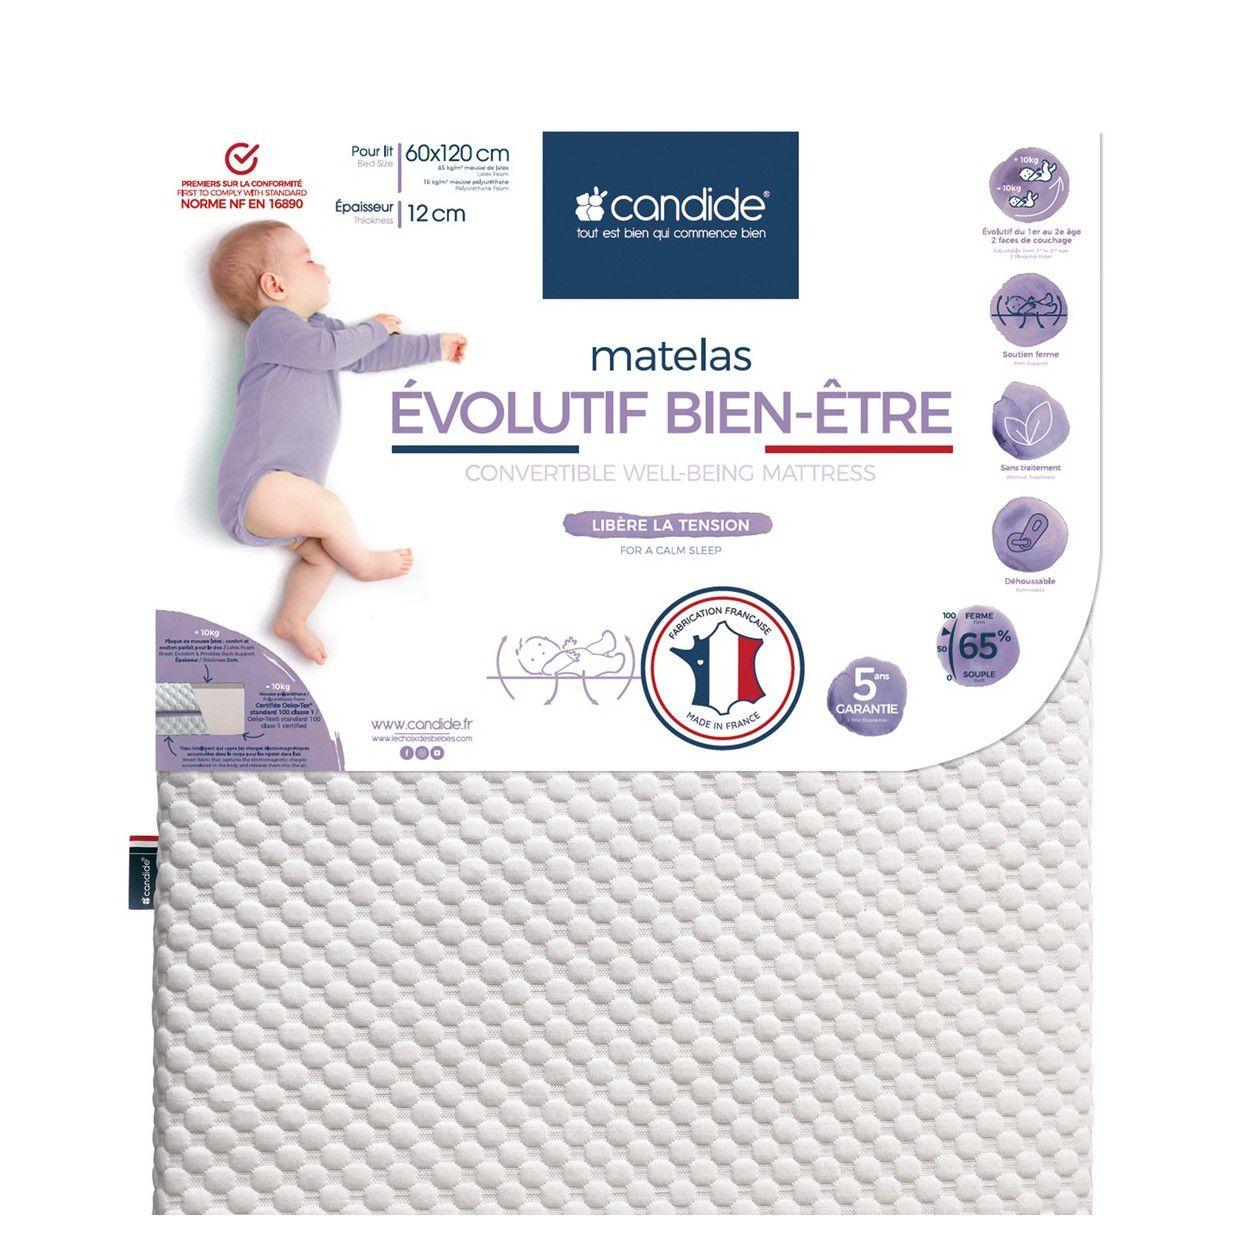 Matelas volutif bien tre pour lit 60x120x12cm achat vente matelas b b - Matelas evolutif enfant ...